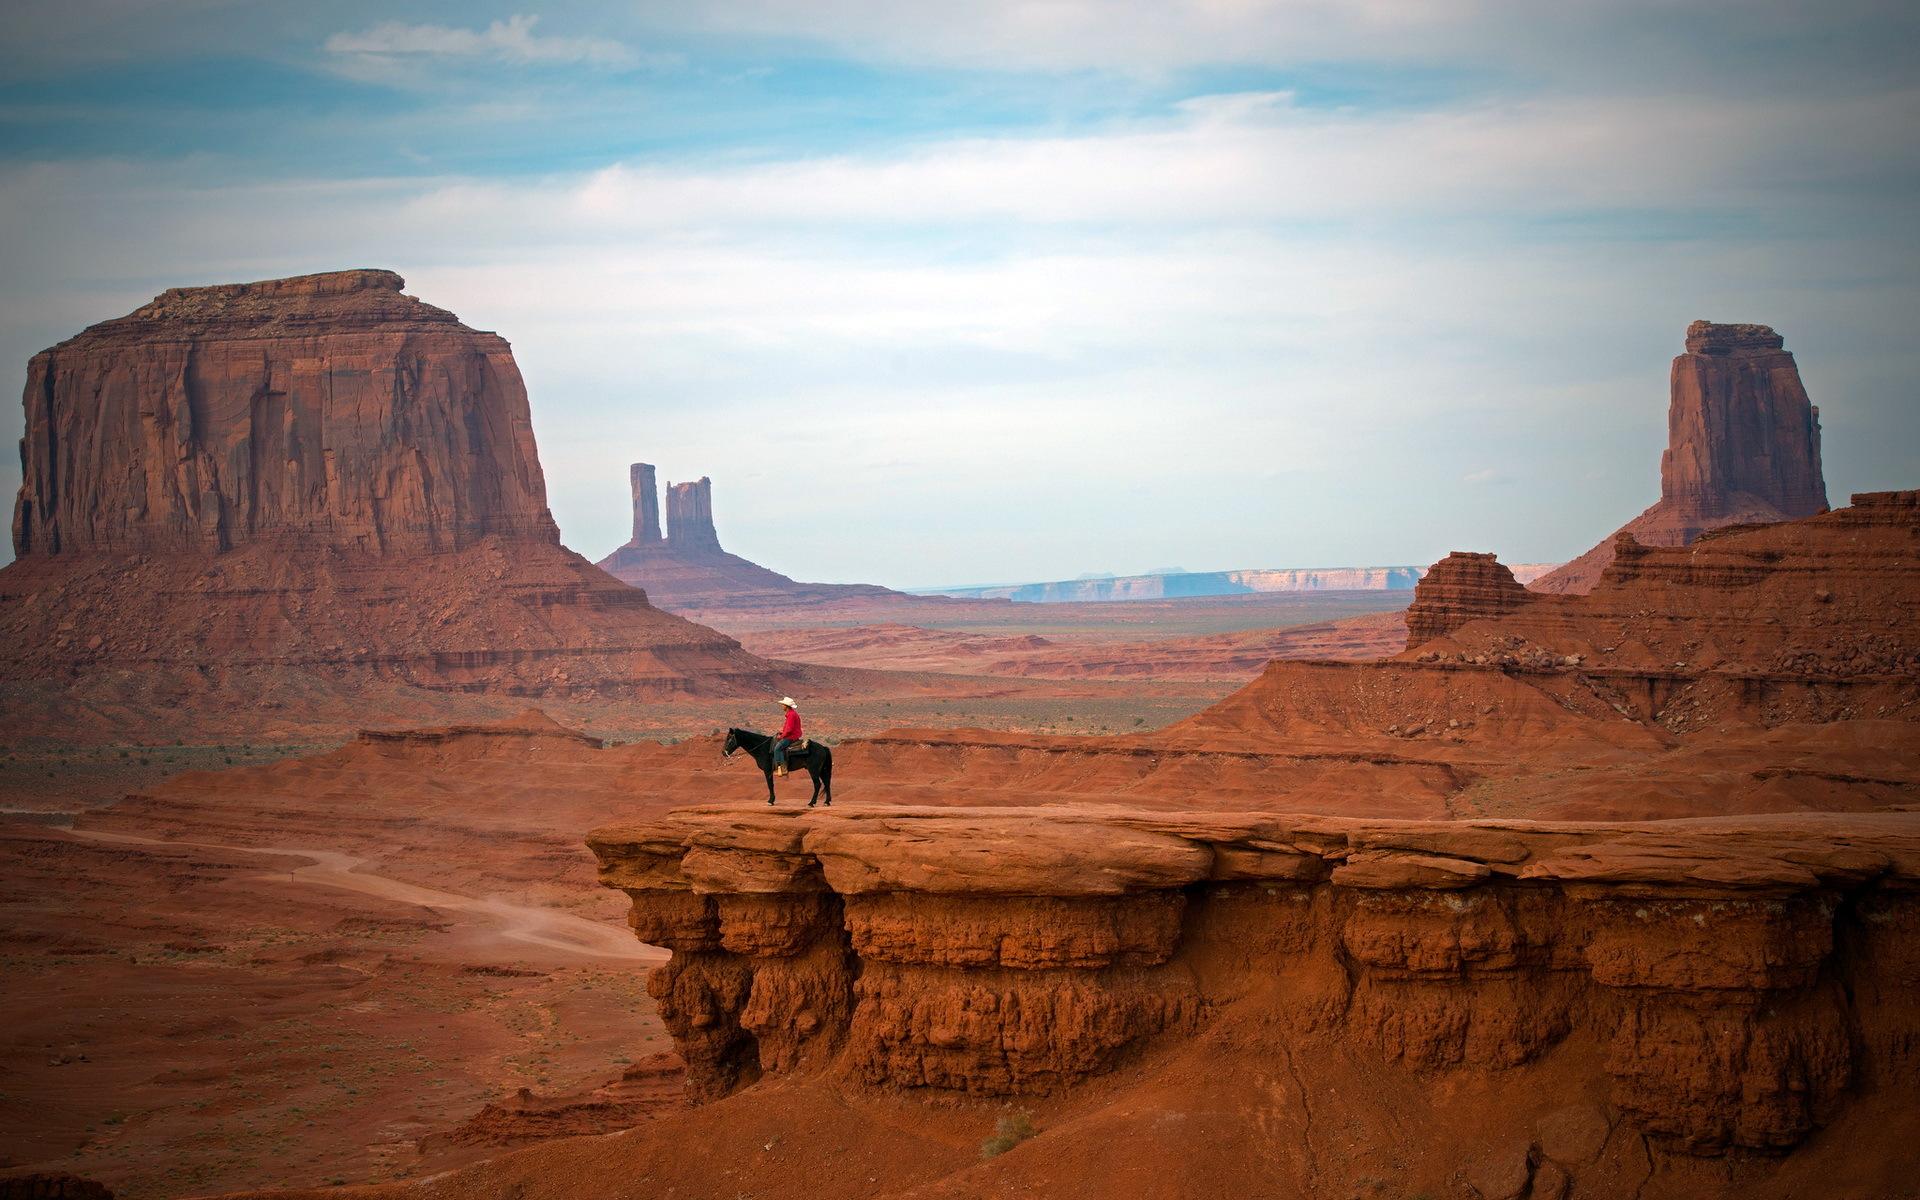 cowboy west hat people places nature landscapes canyon cliffs desert 1920x1200